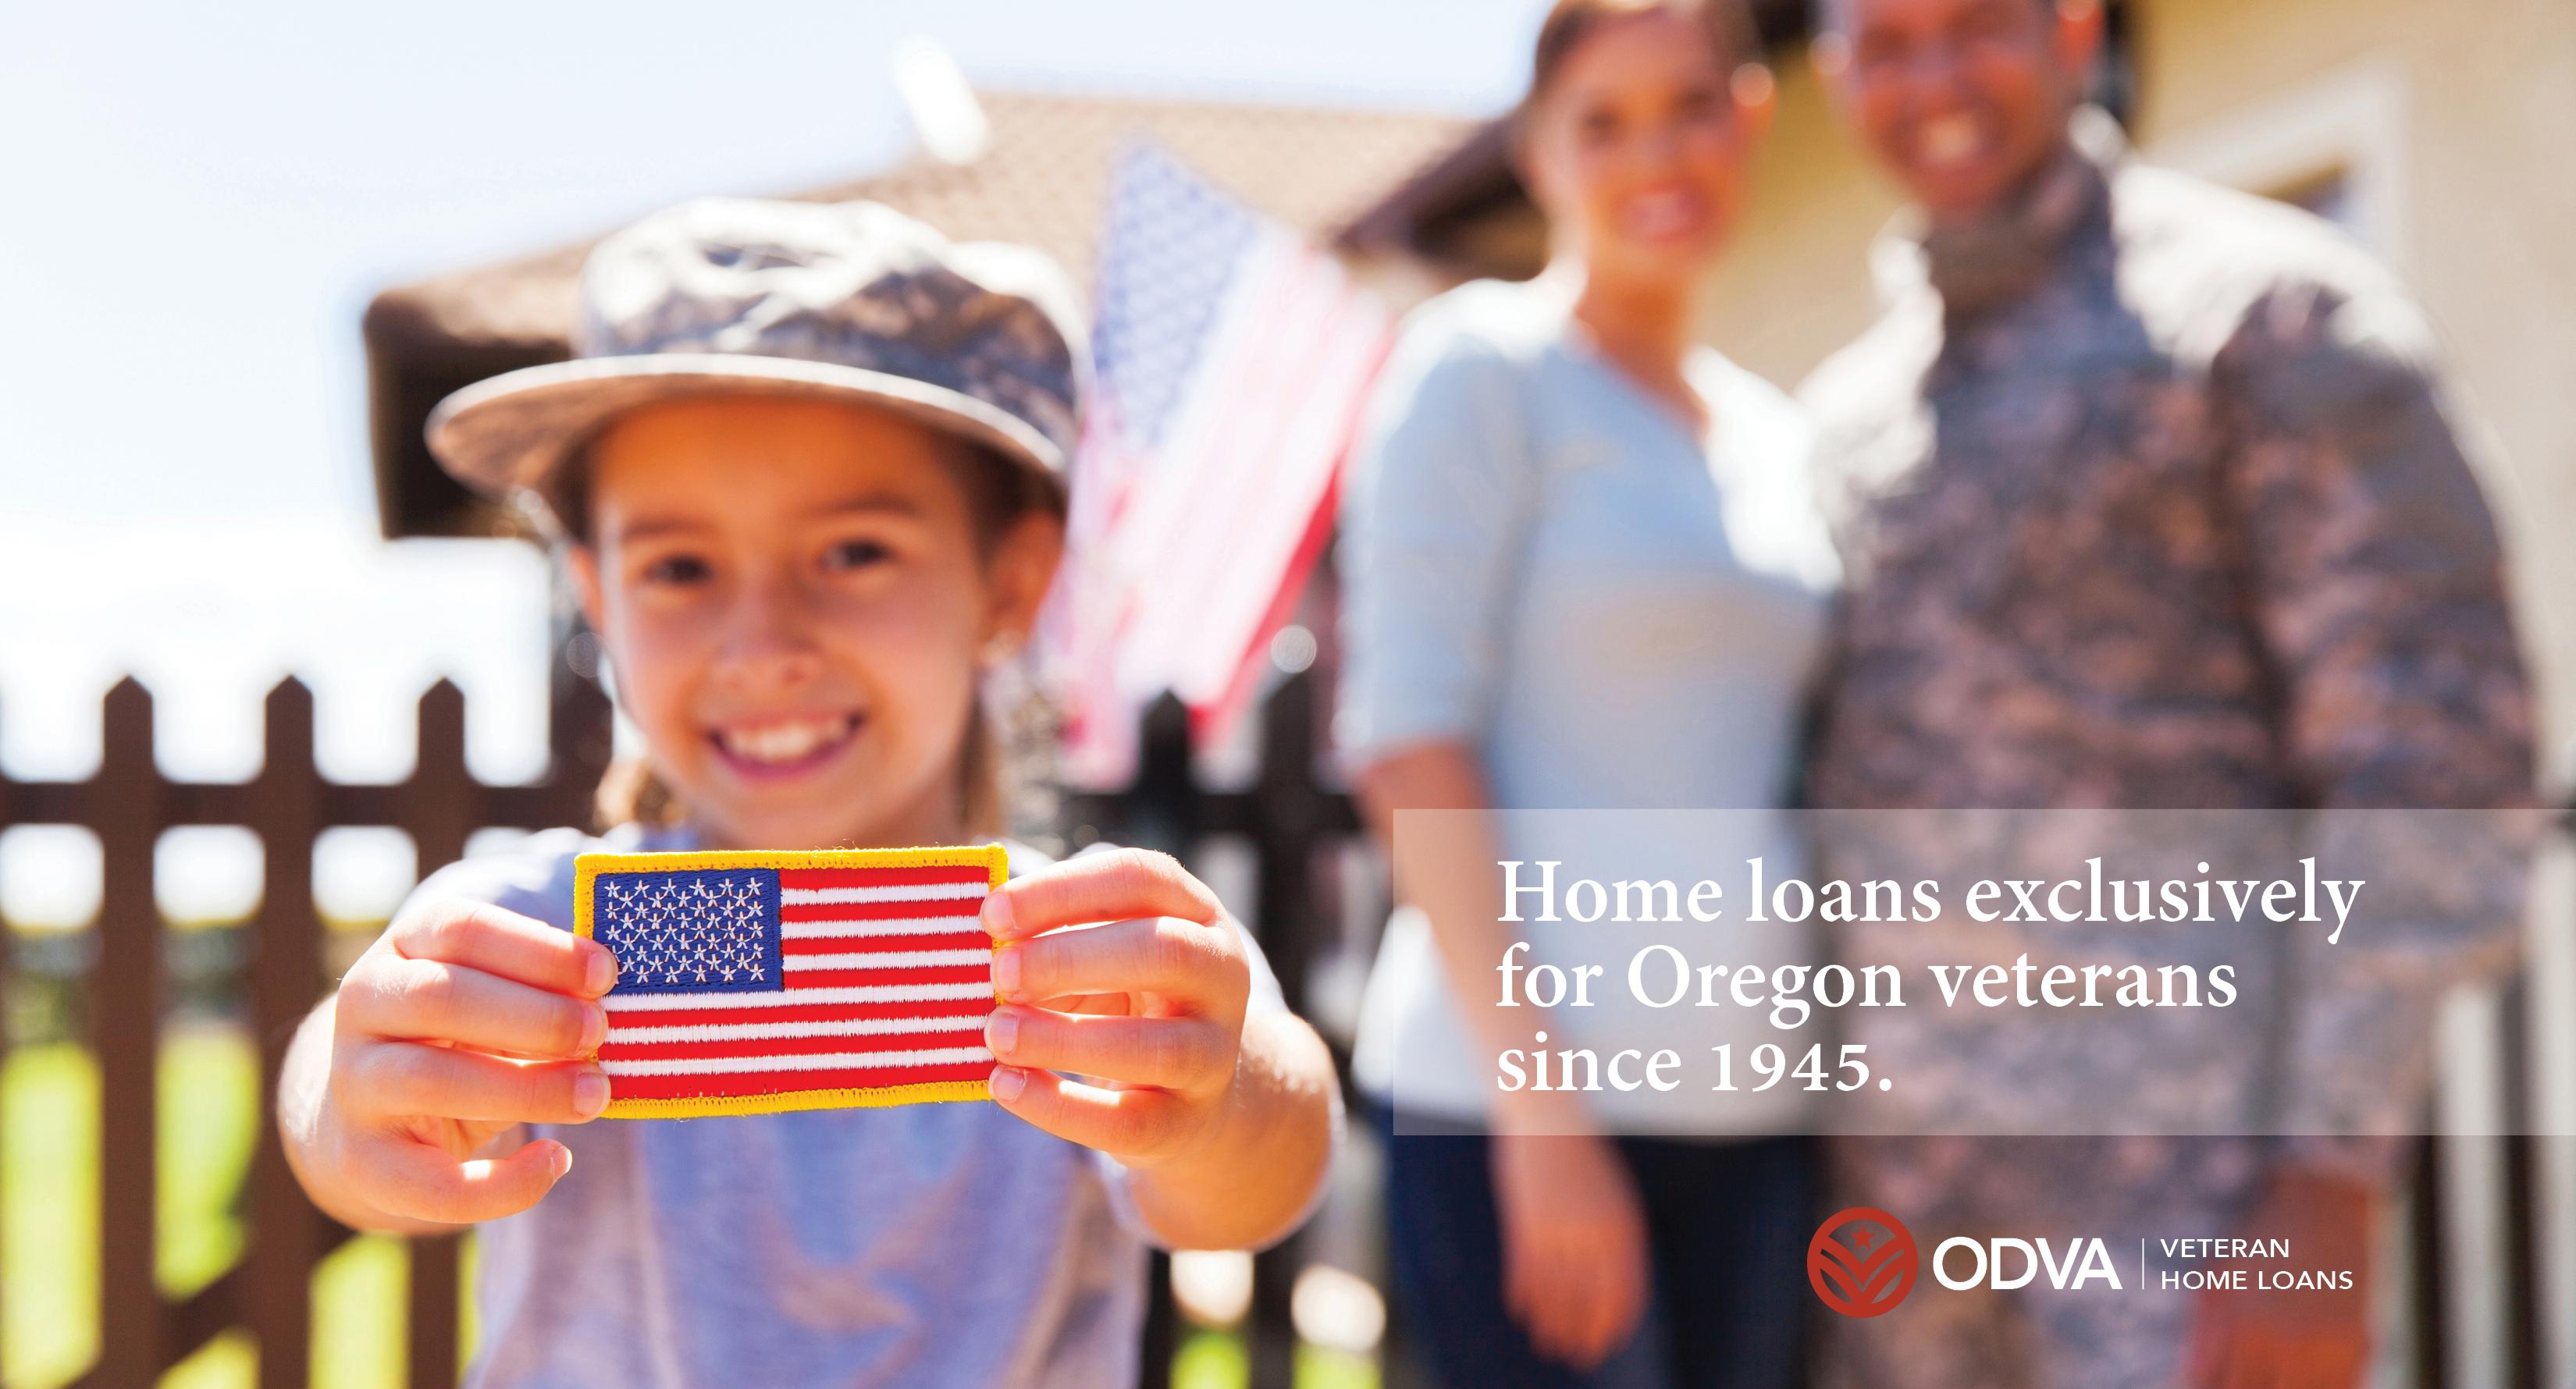 Orvet Home Loans